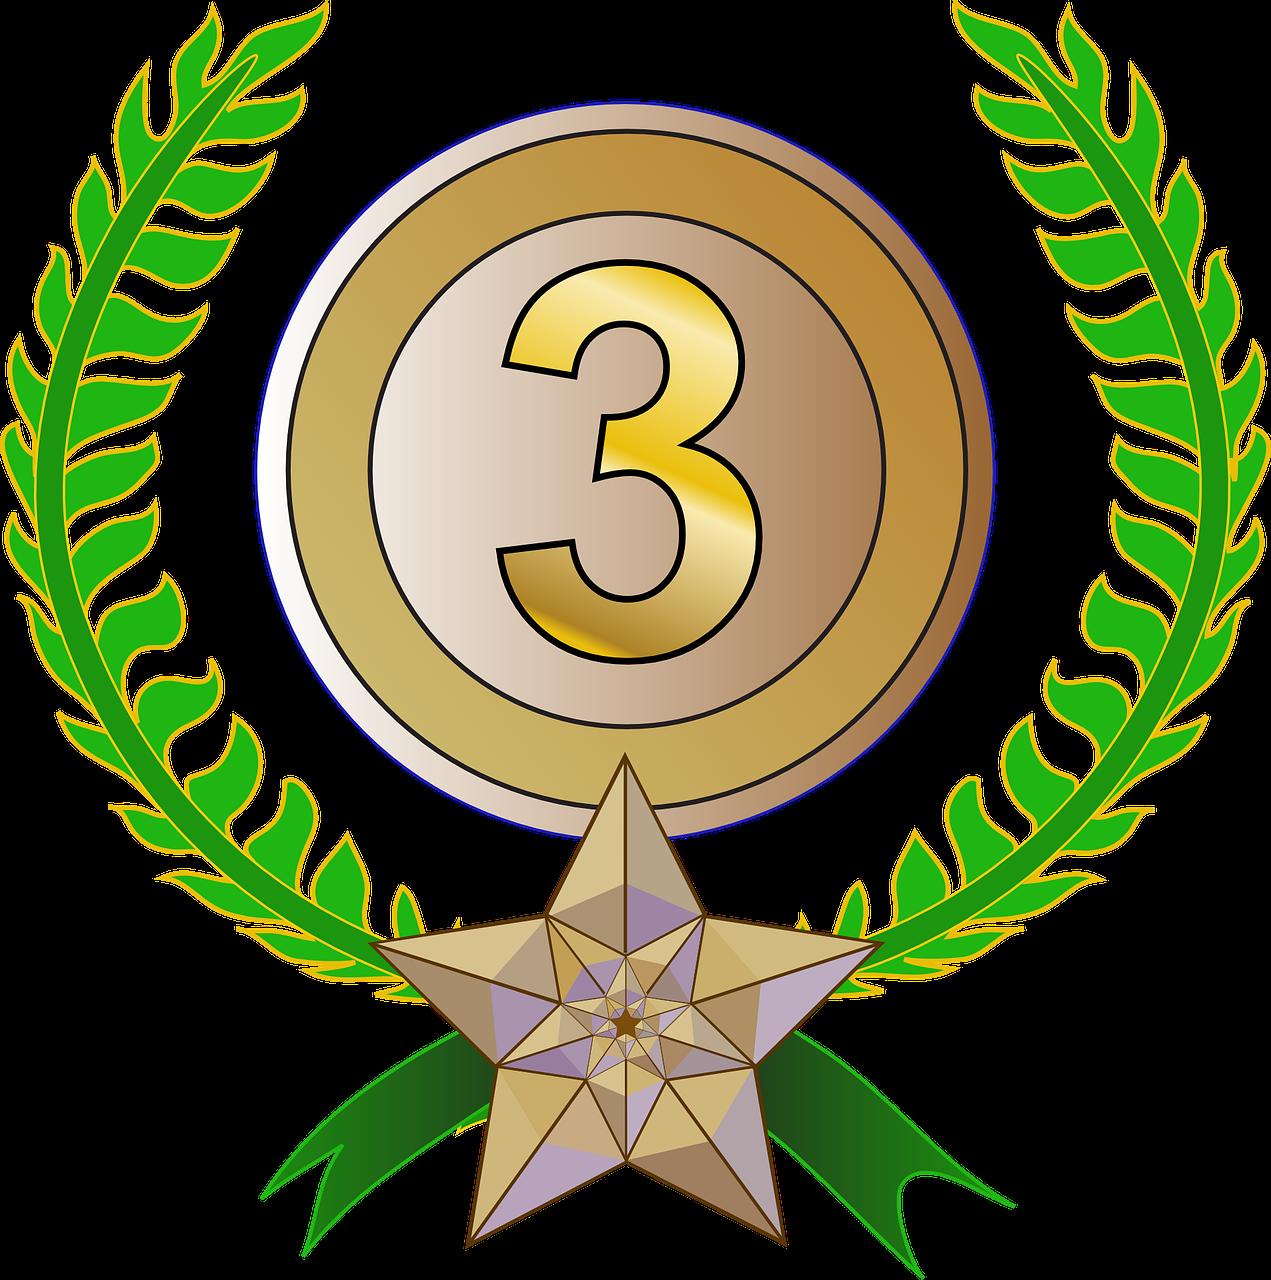 award-41584_1280